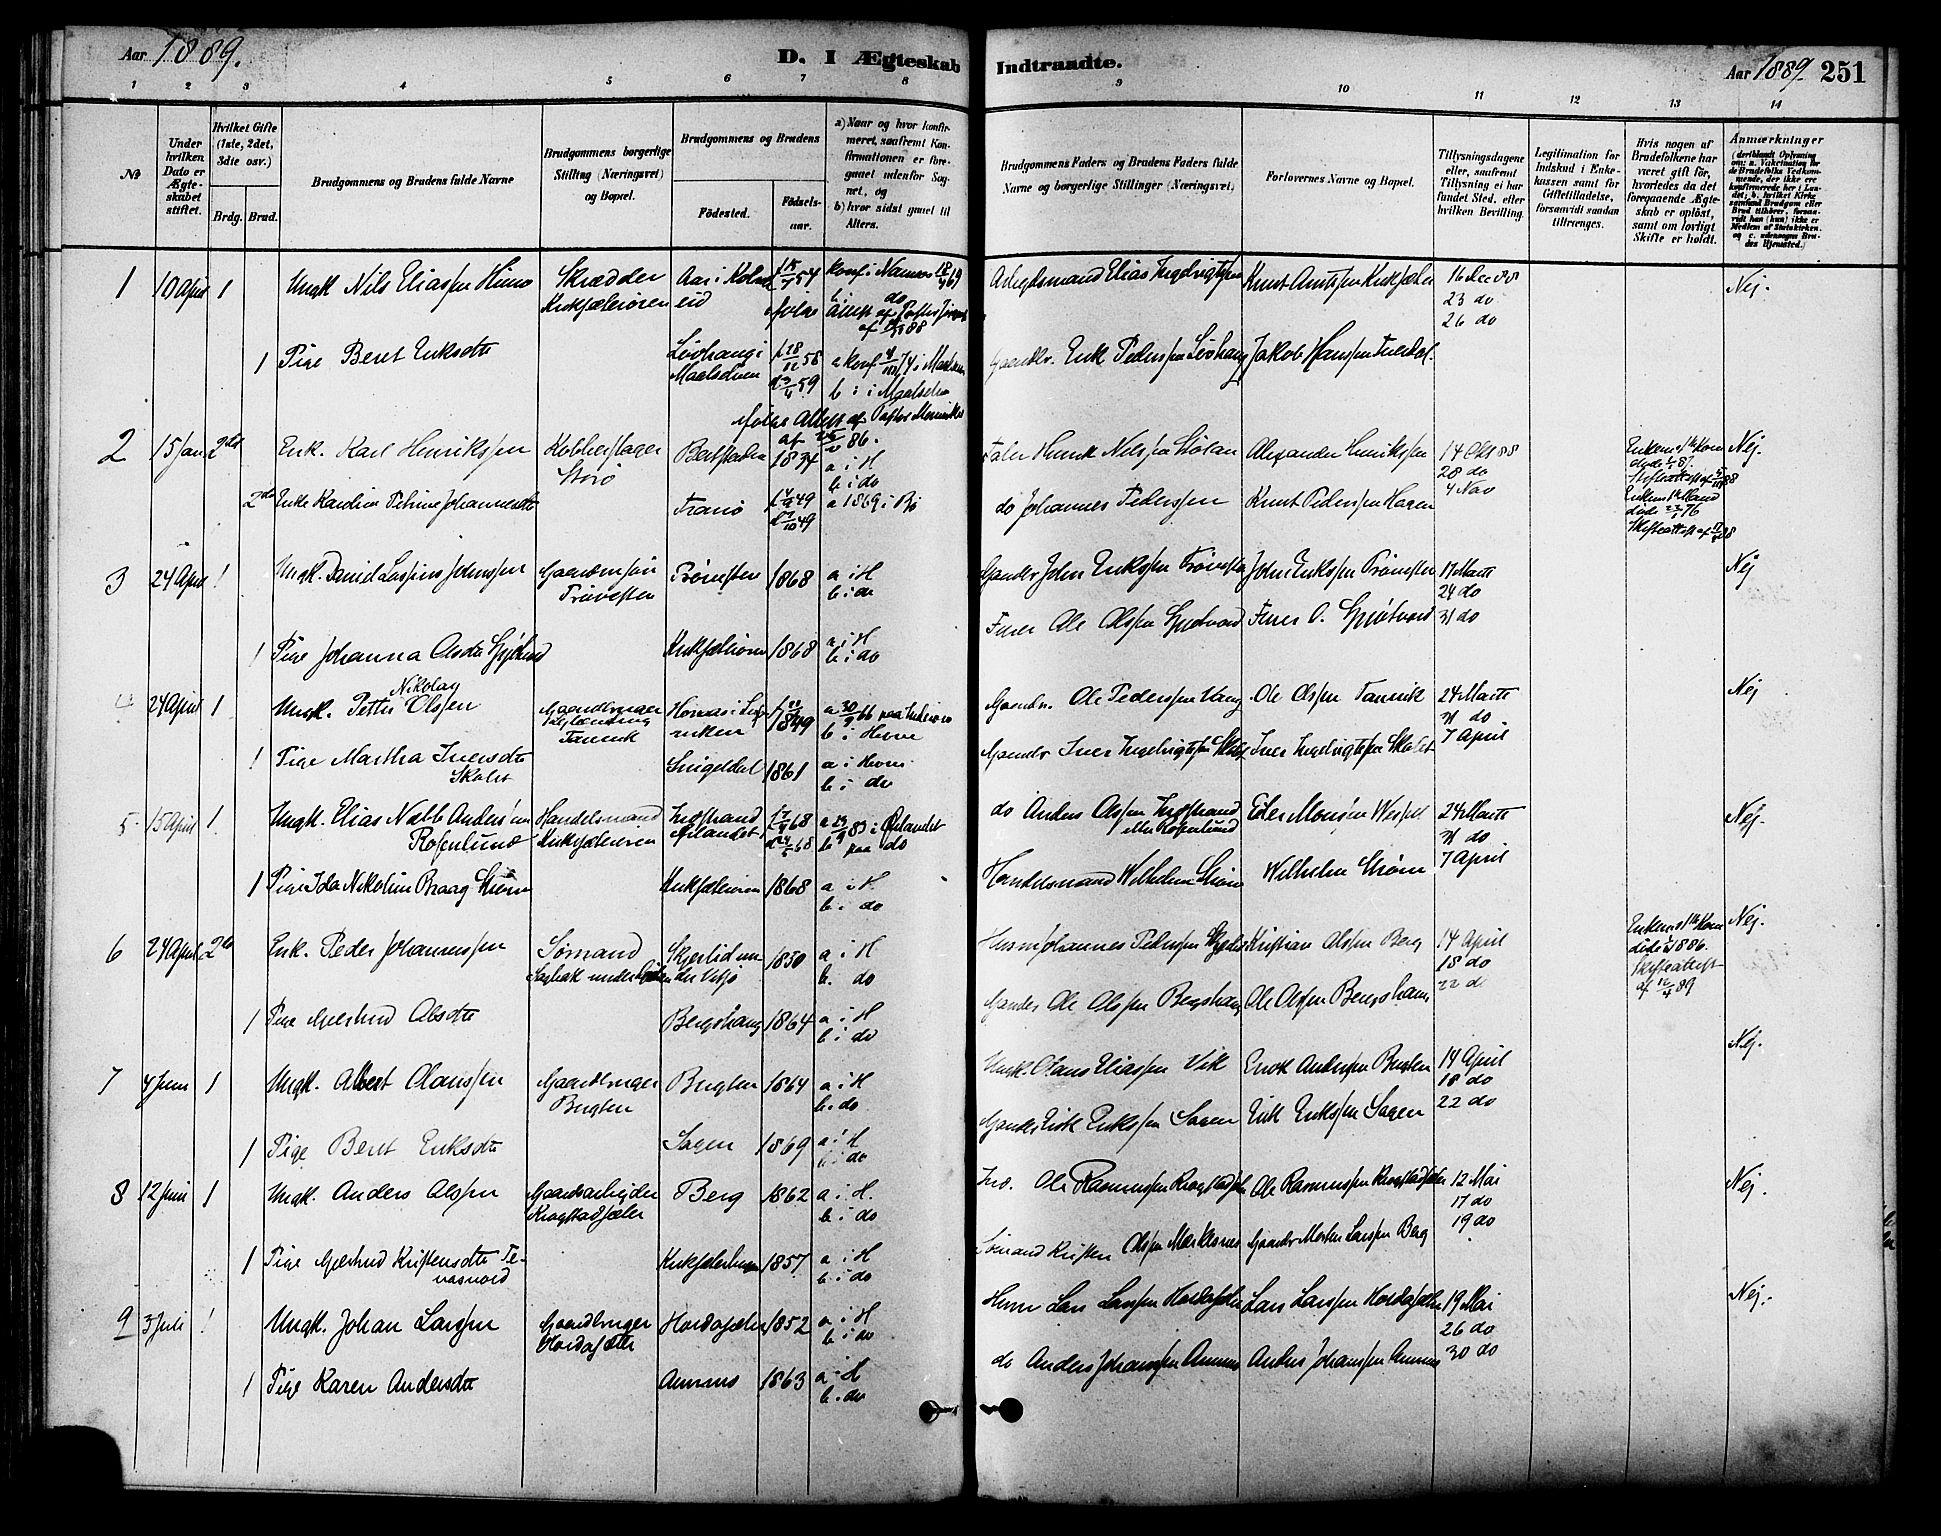 SAT, Ministerialprotokoller, klokkerbøker og fødselsregistre - Sør-Trøndelag, 630/L0496: Ministerialbok nr. 630A09, 1879-1895, s. 251